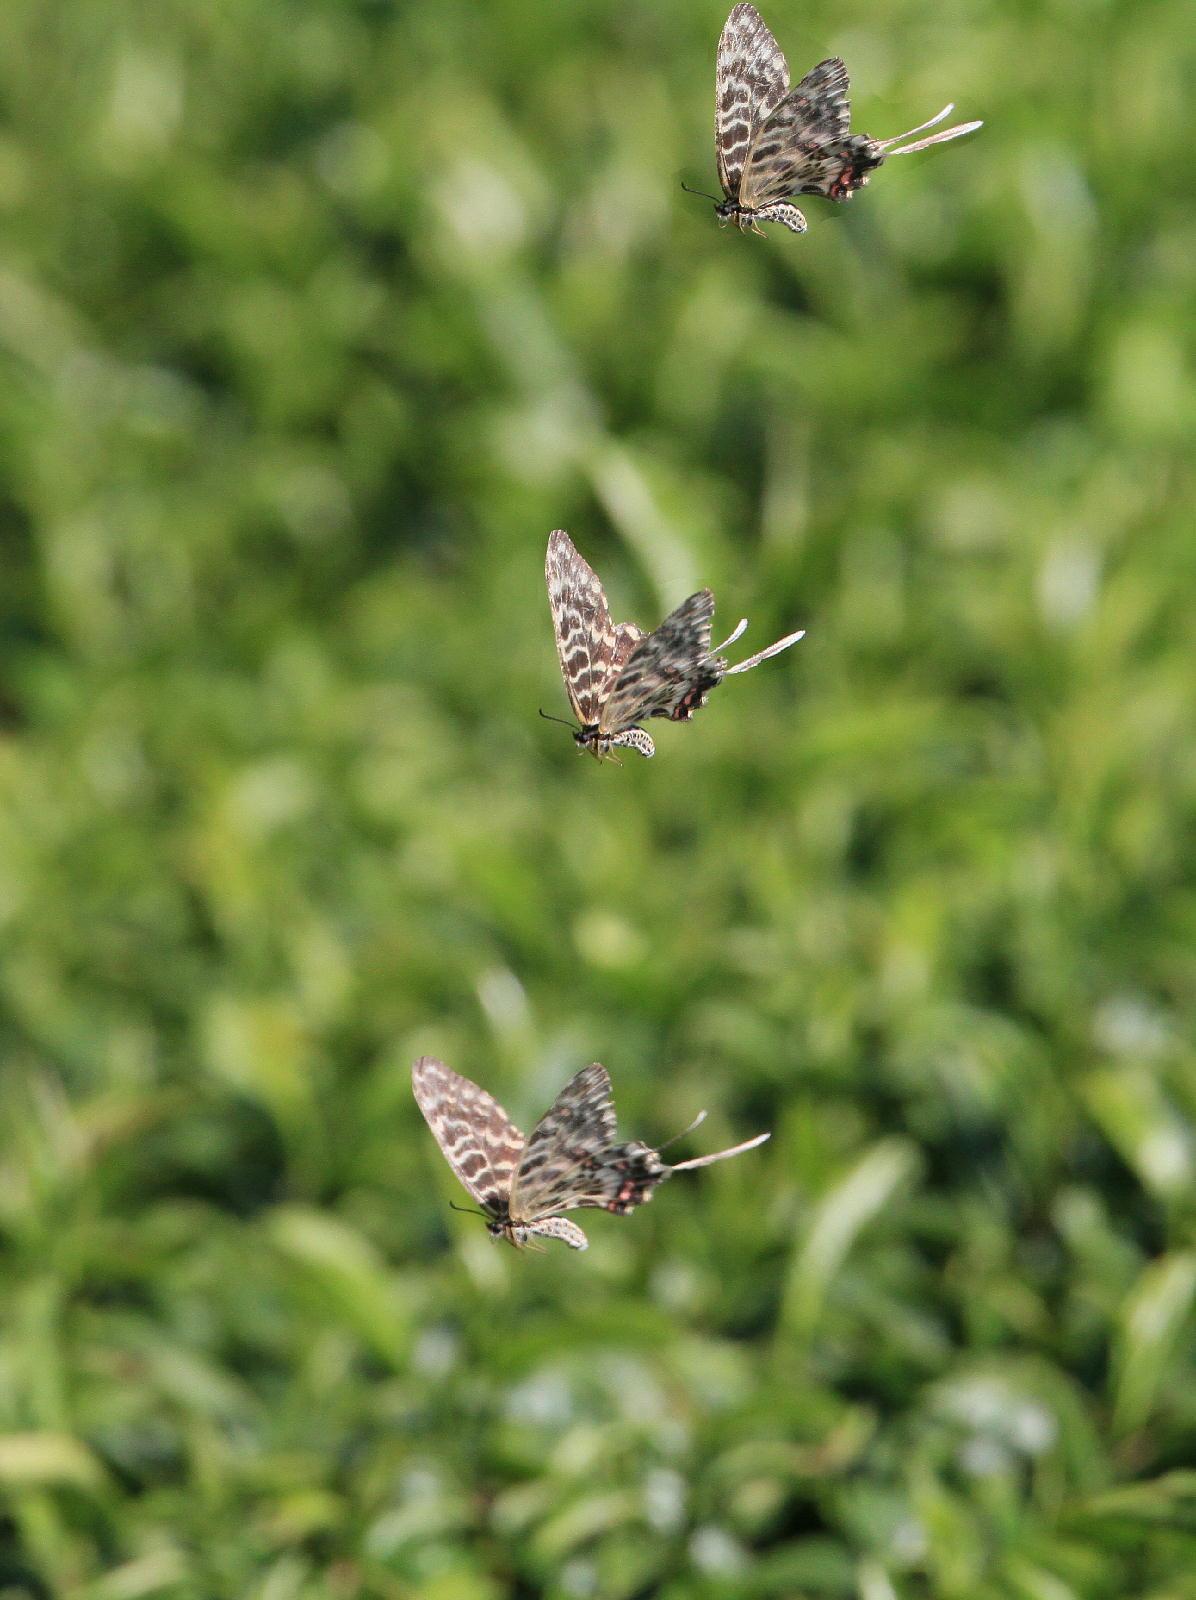 晩夏の里山探蝶記その1 ホソオチョウの夏型は暑さにめげずにスイスイ飛翔中  2010.8.29狭山丘陵 _a0146869_6234254.jpg